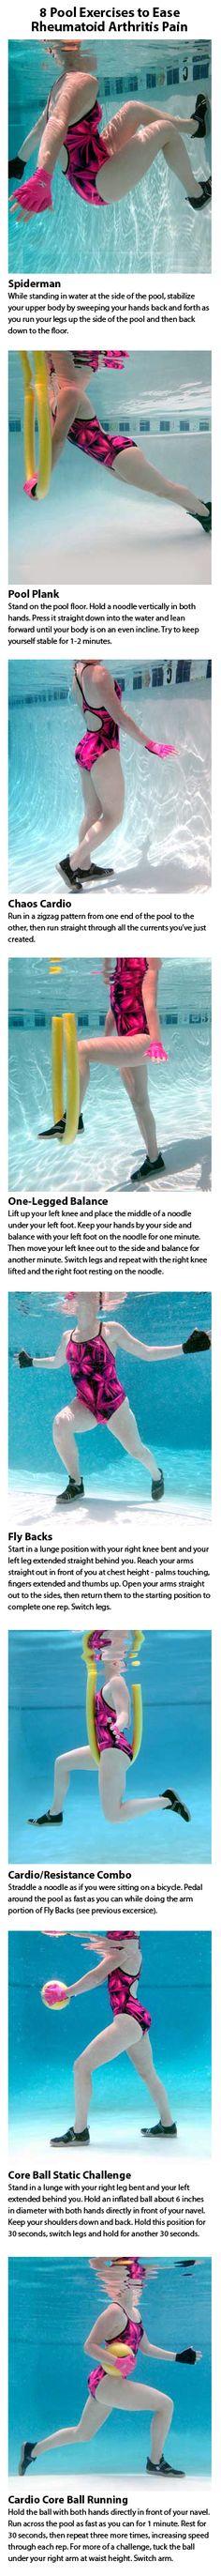 8 Pool Exercises to Ease Rheumatoid Arthritis Pain